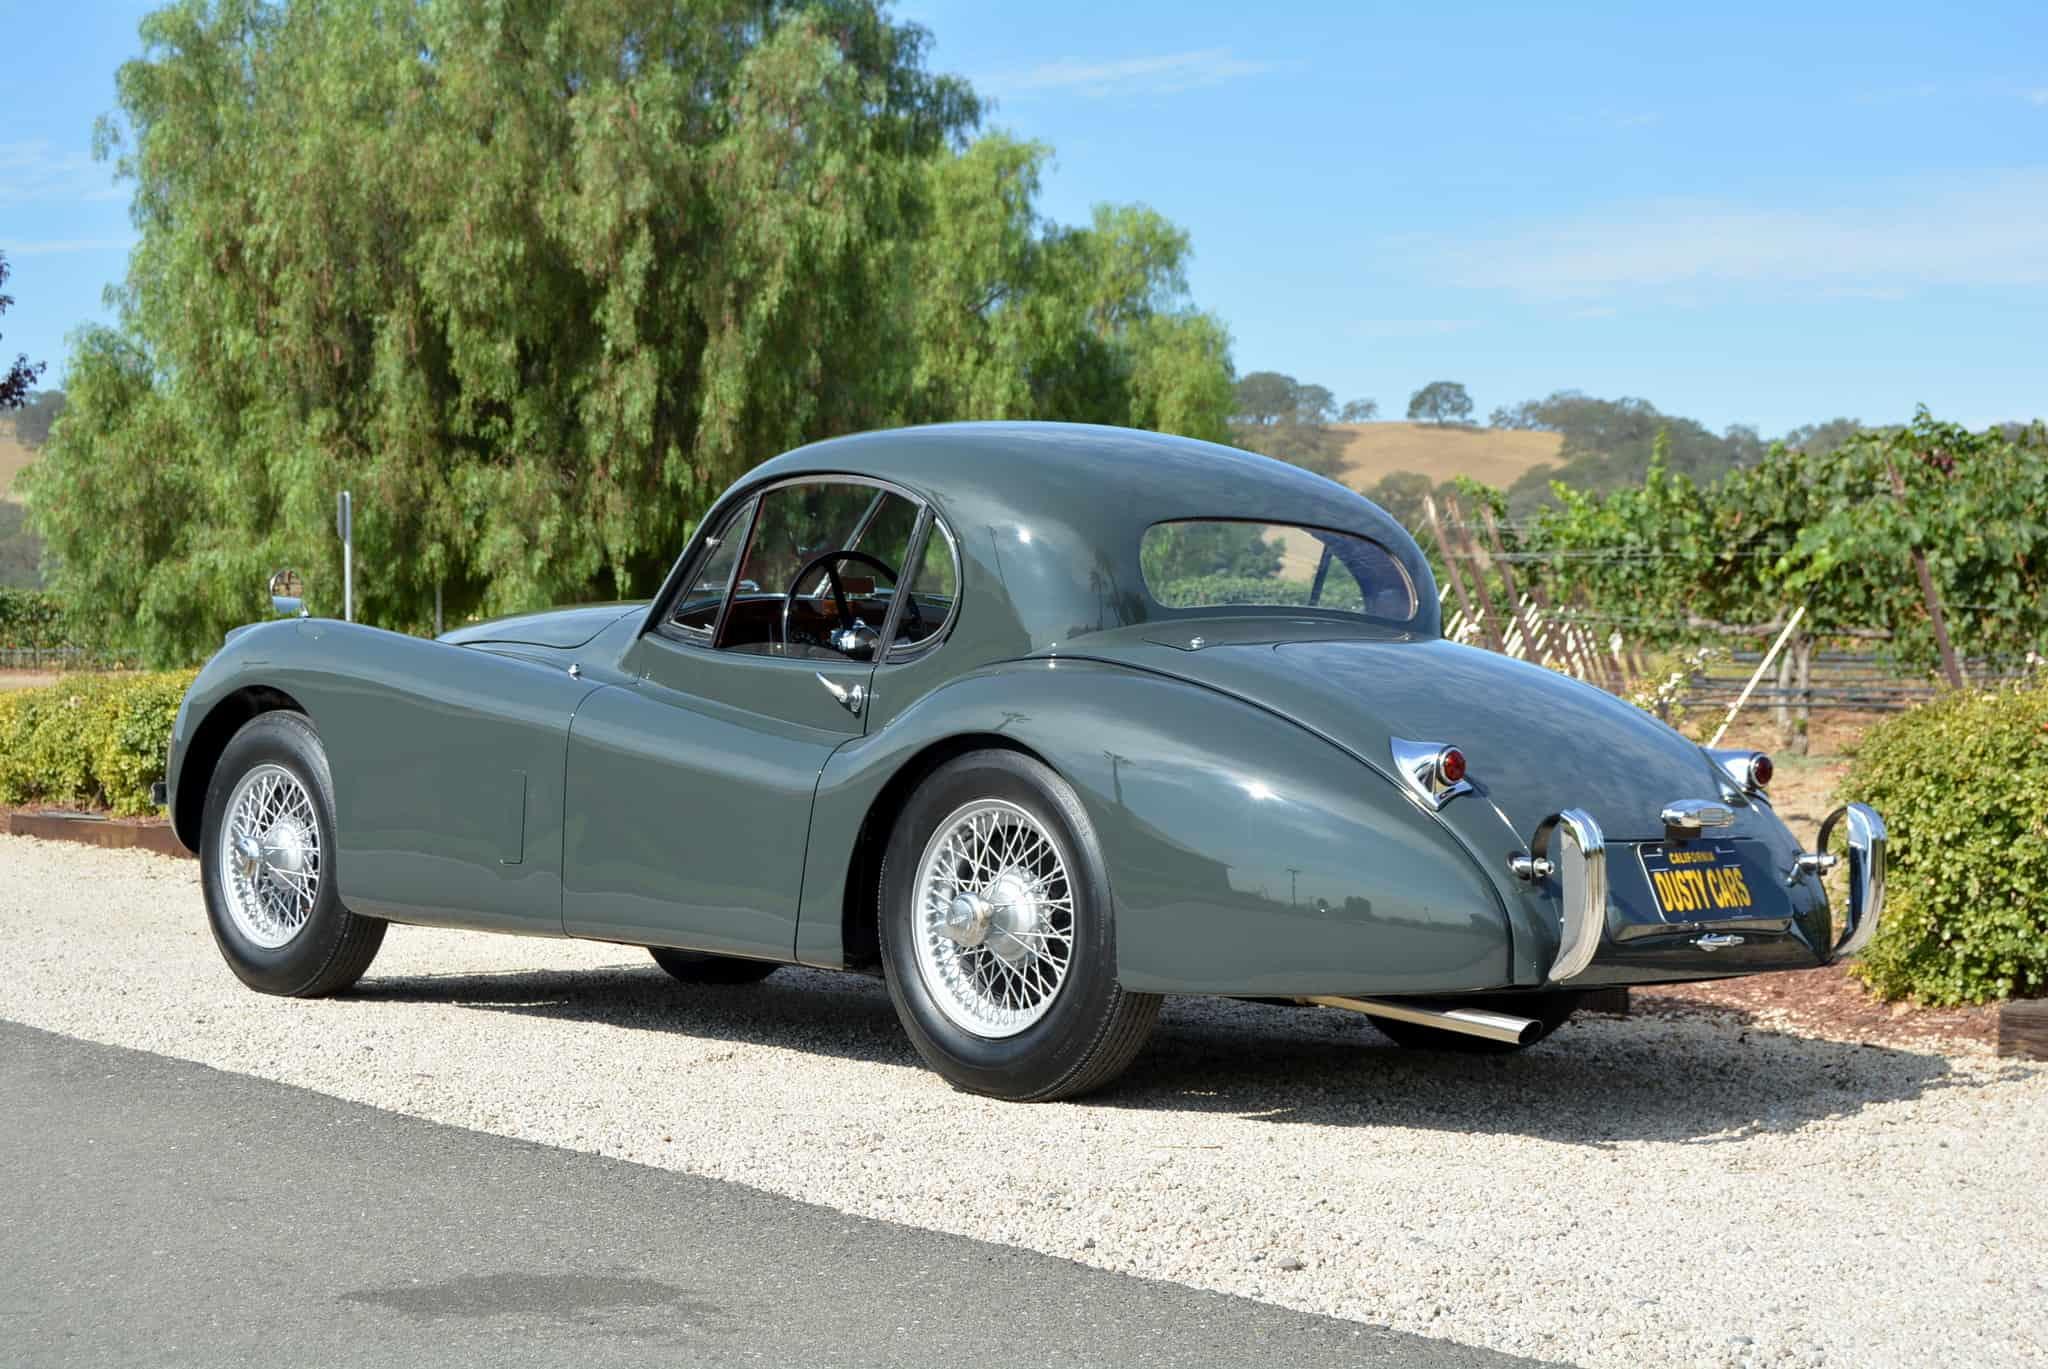 1952 Jaguar XK120 Coupe | Dusty Cars